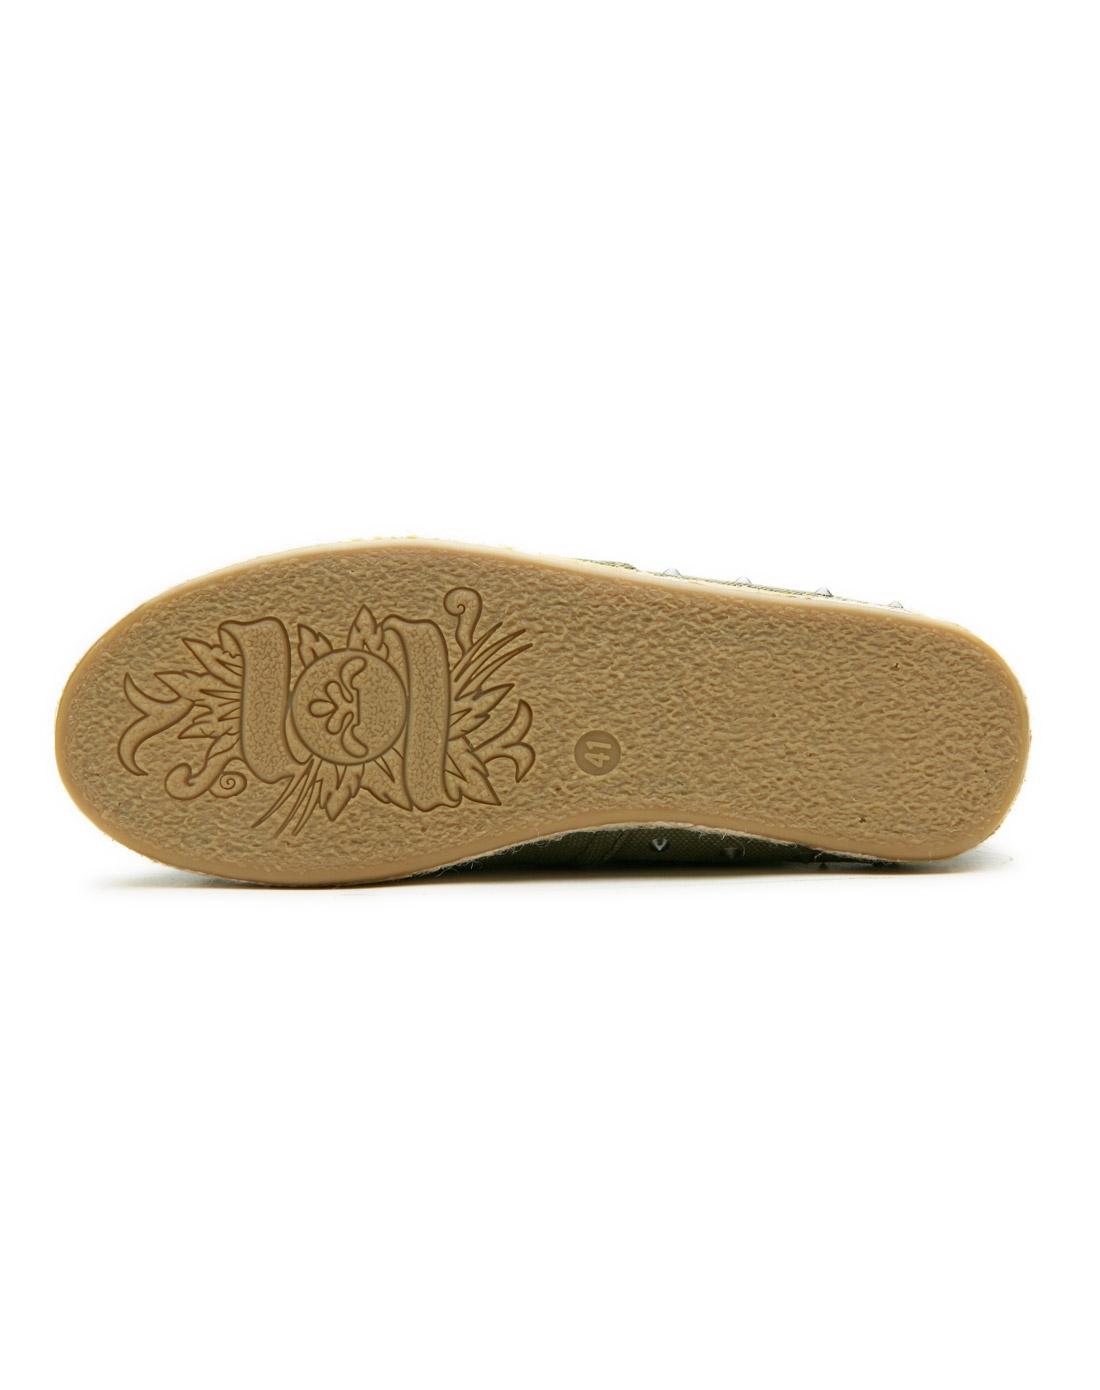 鞋春夏新款休闲男式鞋纯色低帮铆钉帆布鞋男鞋